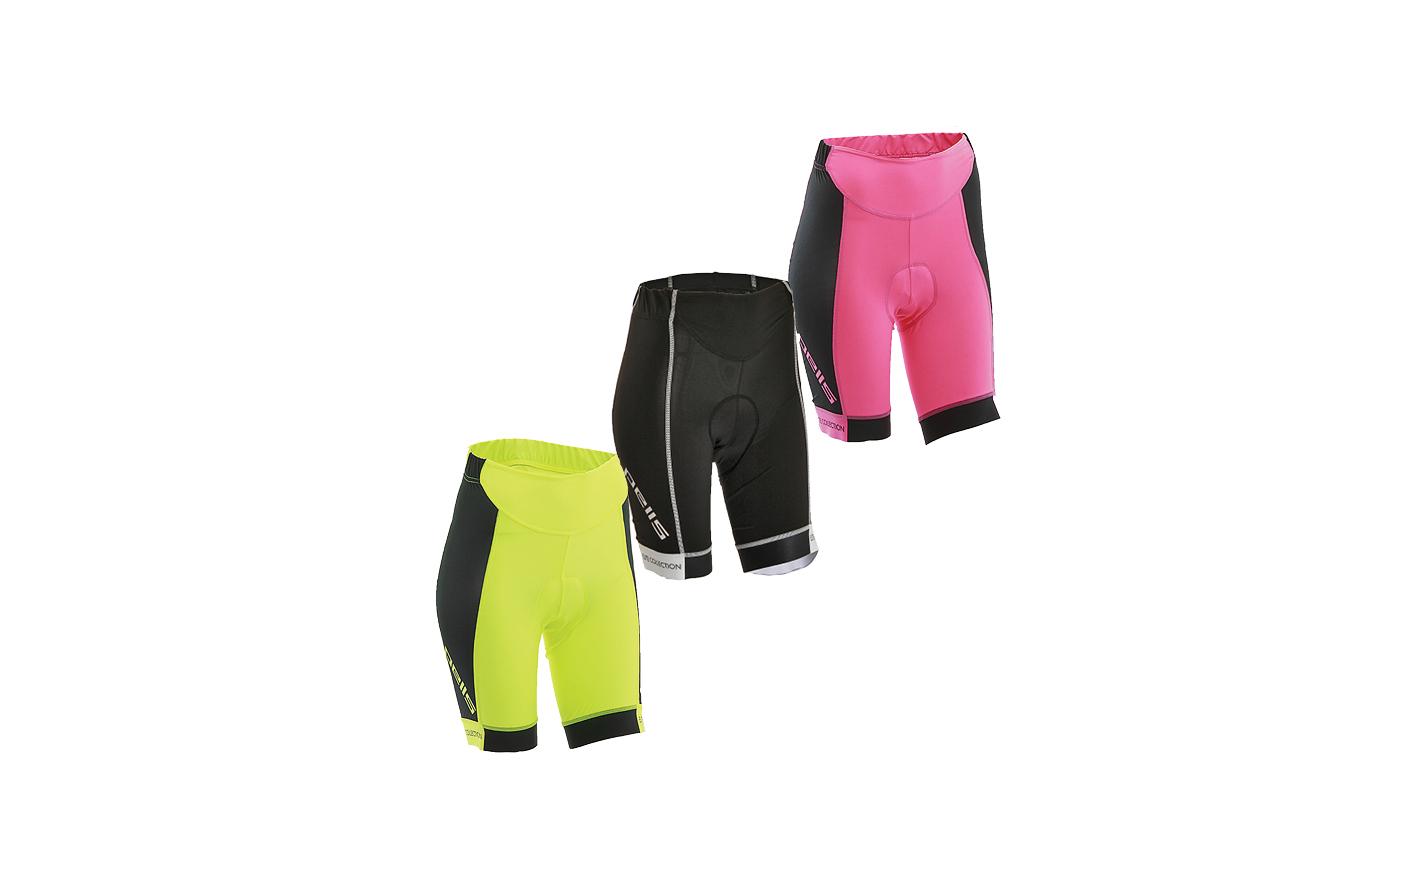 Dámské kraťasy PELL'S POWER Lady, vel. M, růžová - ZDARMA dopravné! (Dámské cyklistické kraťasy PELL'S, vel. M, barva růžová dle vyobrazení!)